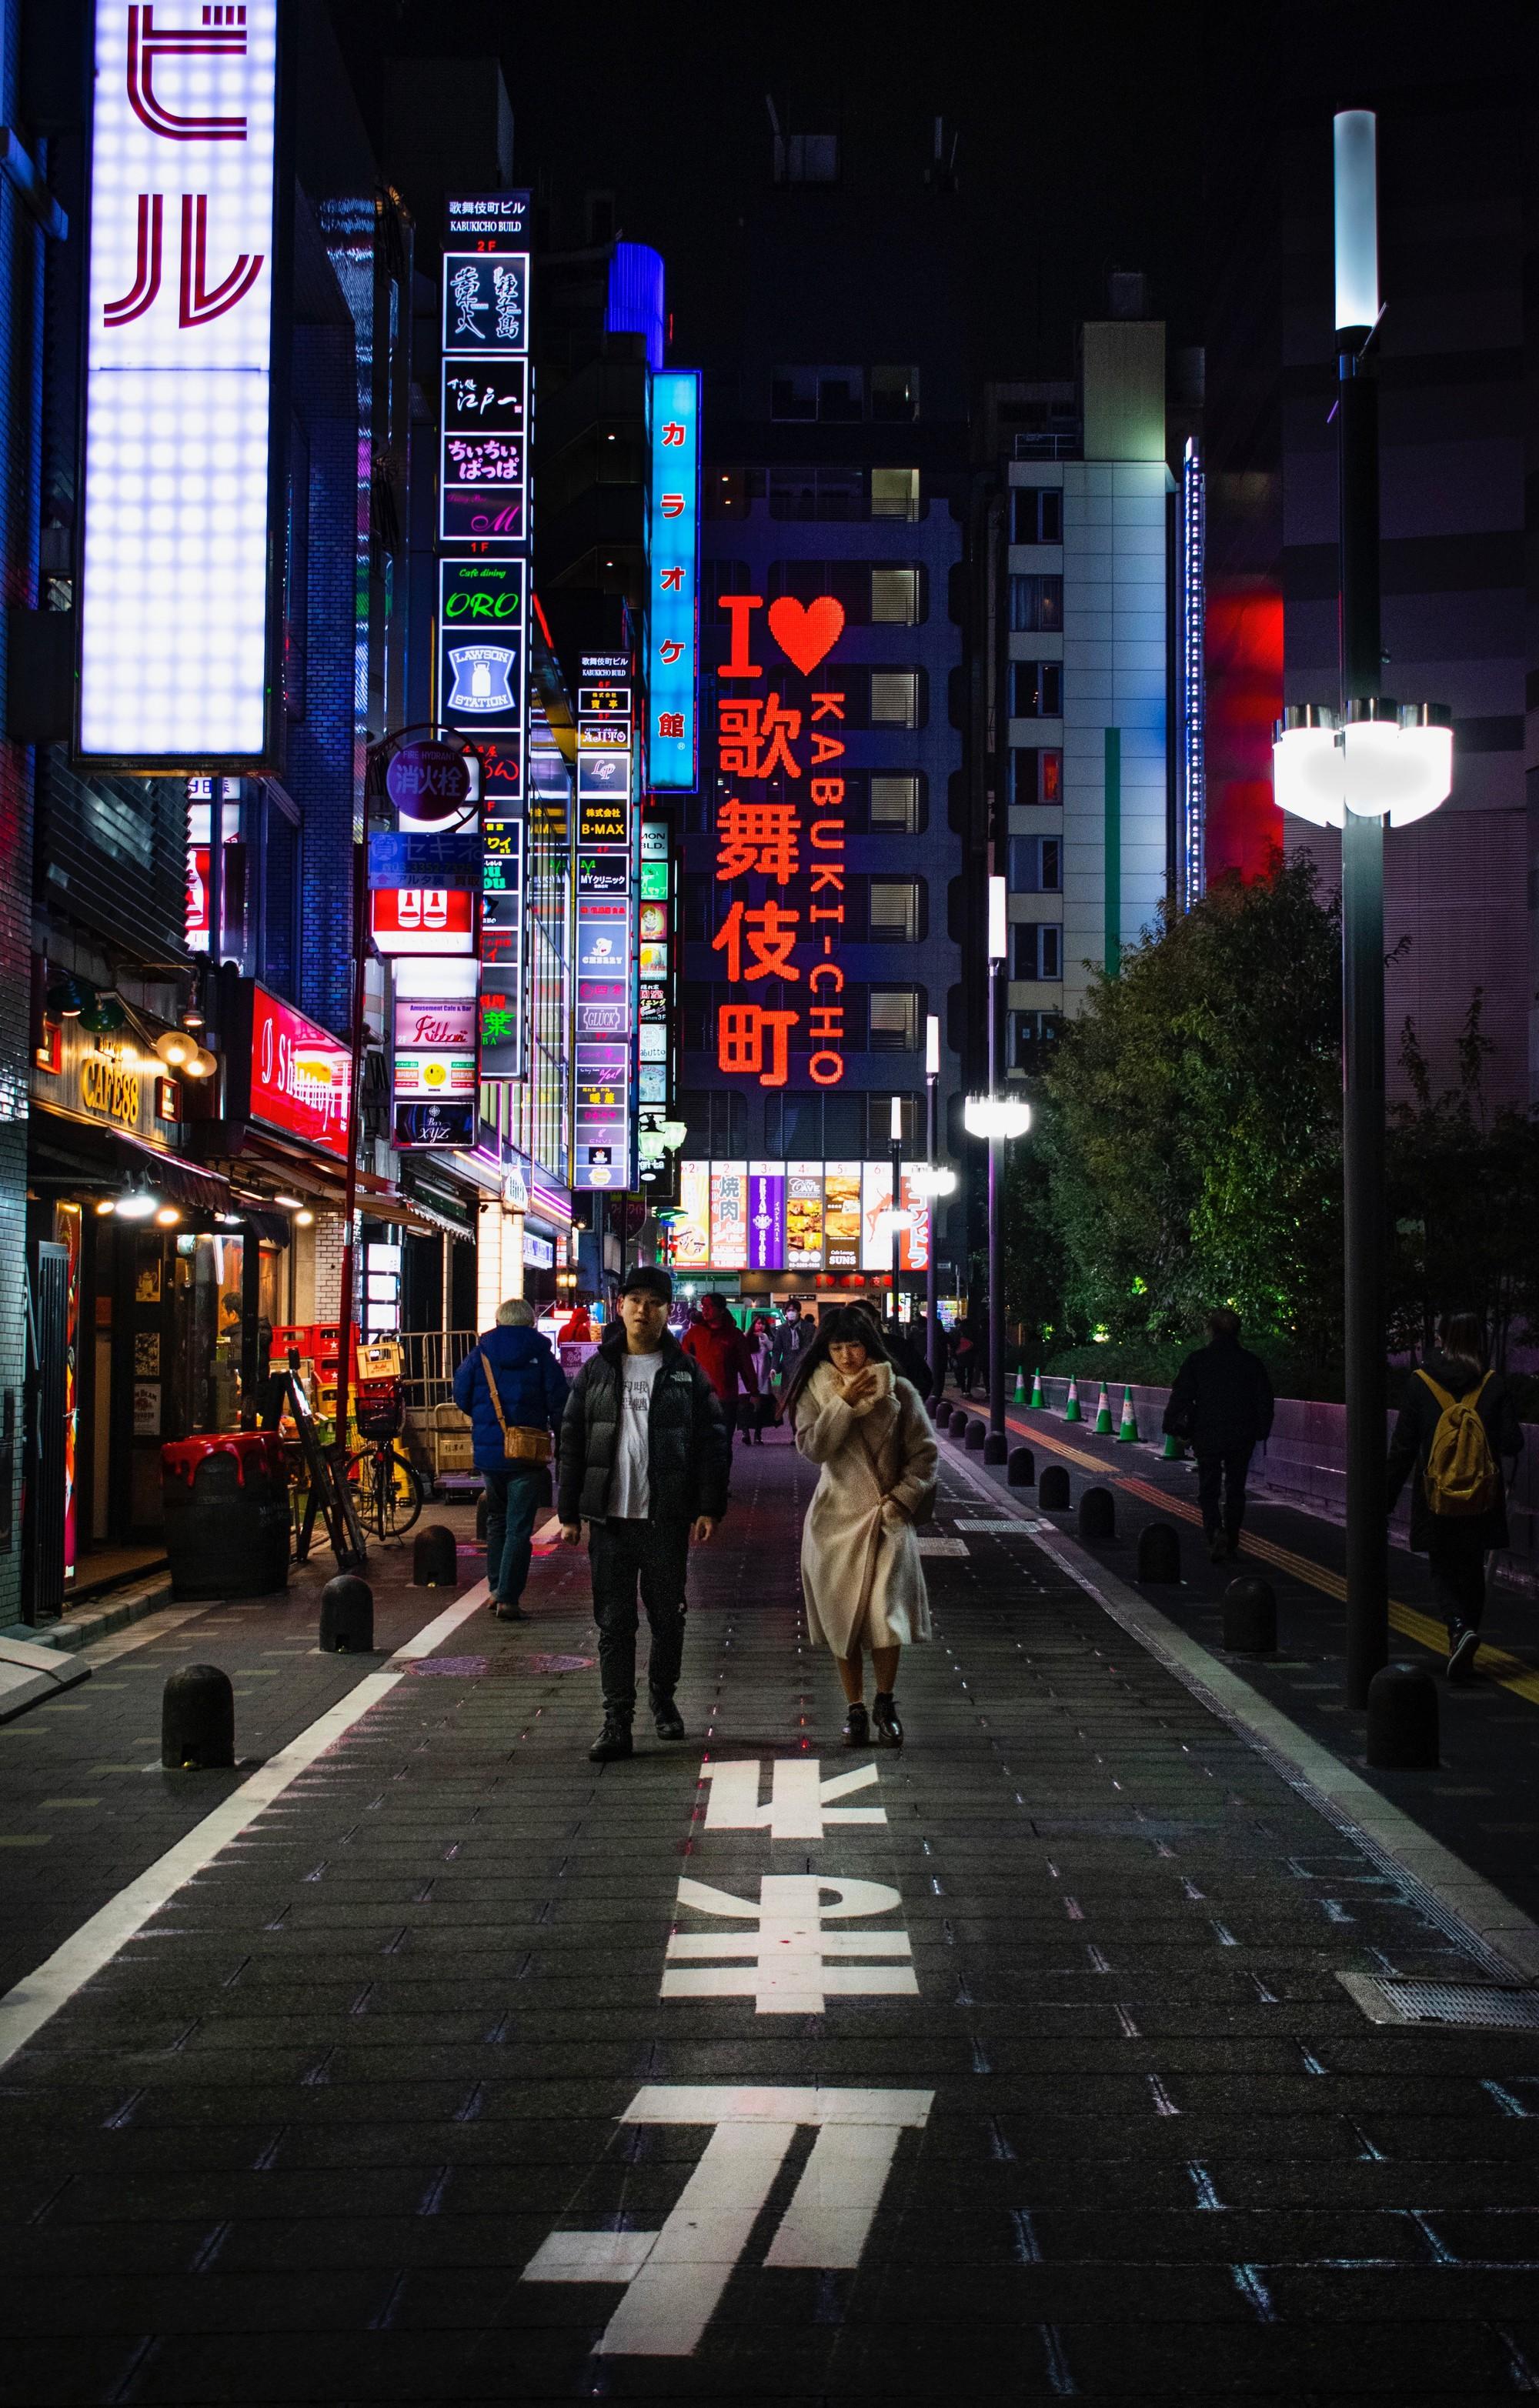 3 địa điểm được check-in nhiều nhất Tokyo, vị trí số 1 có đến 9,6 triệu bức hình trên Instagram! - Ảnh 9.